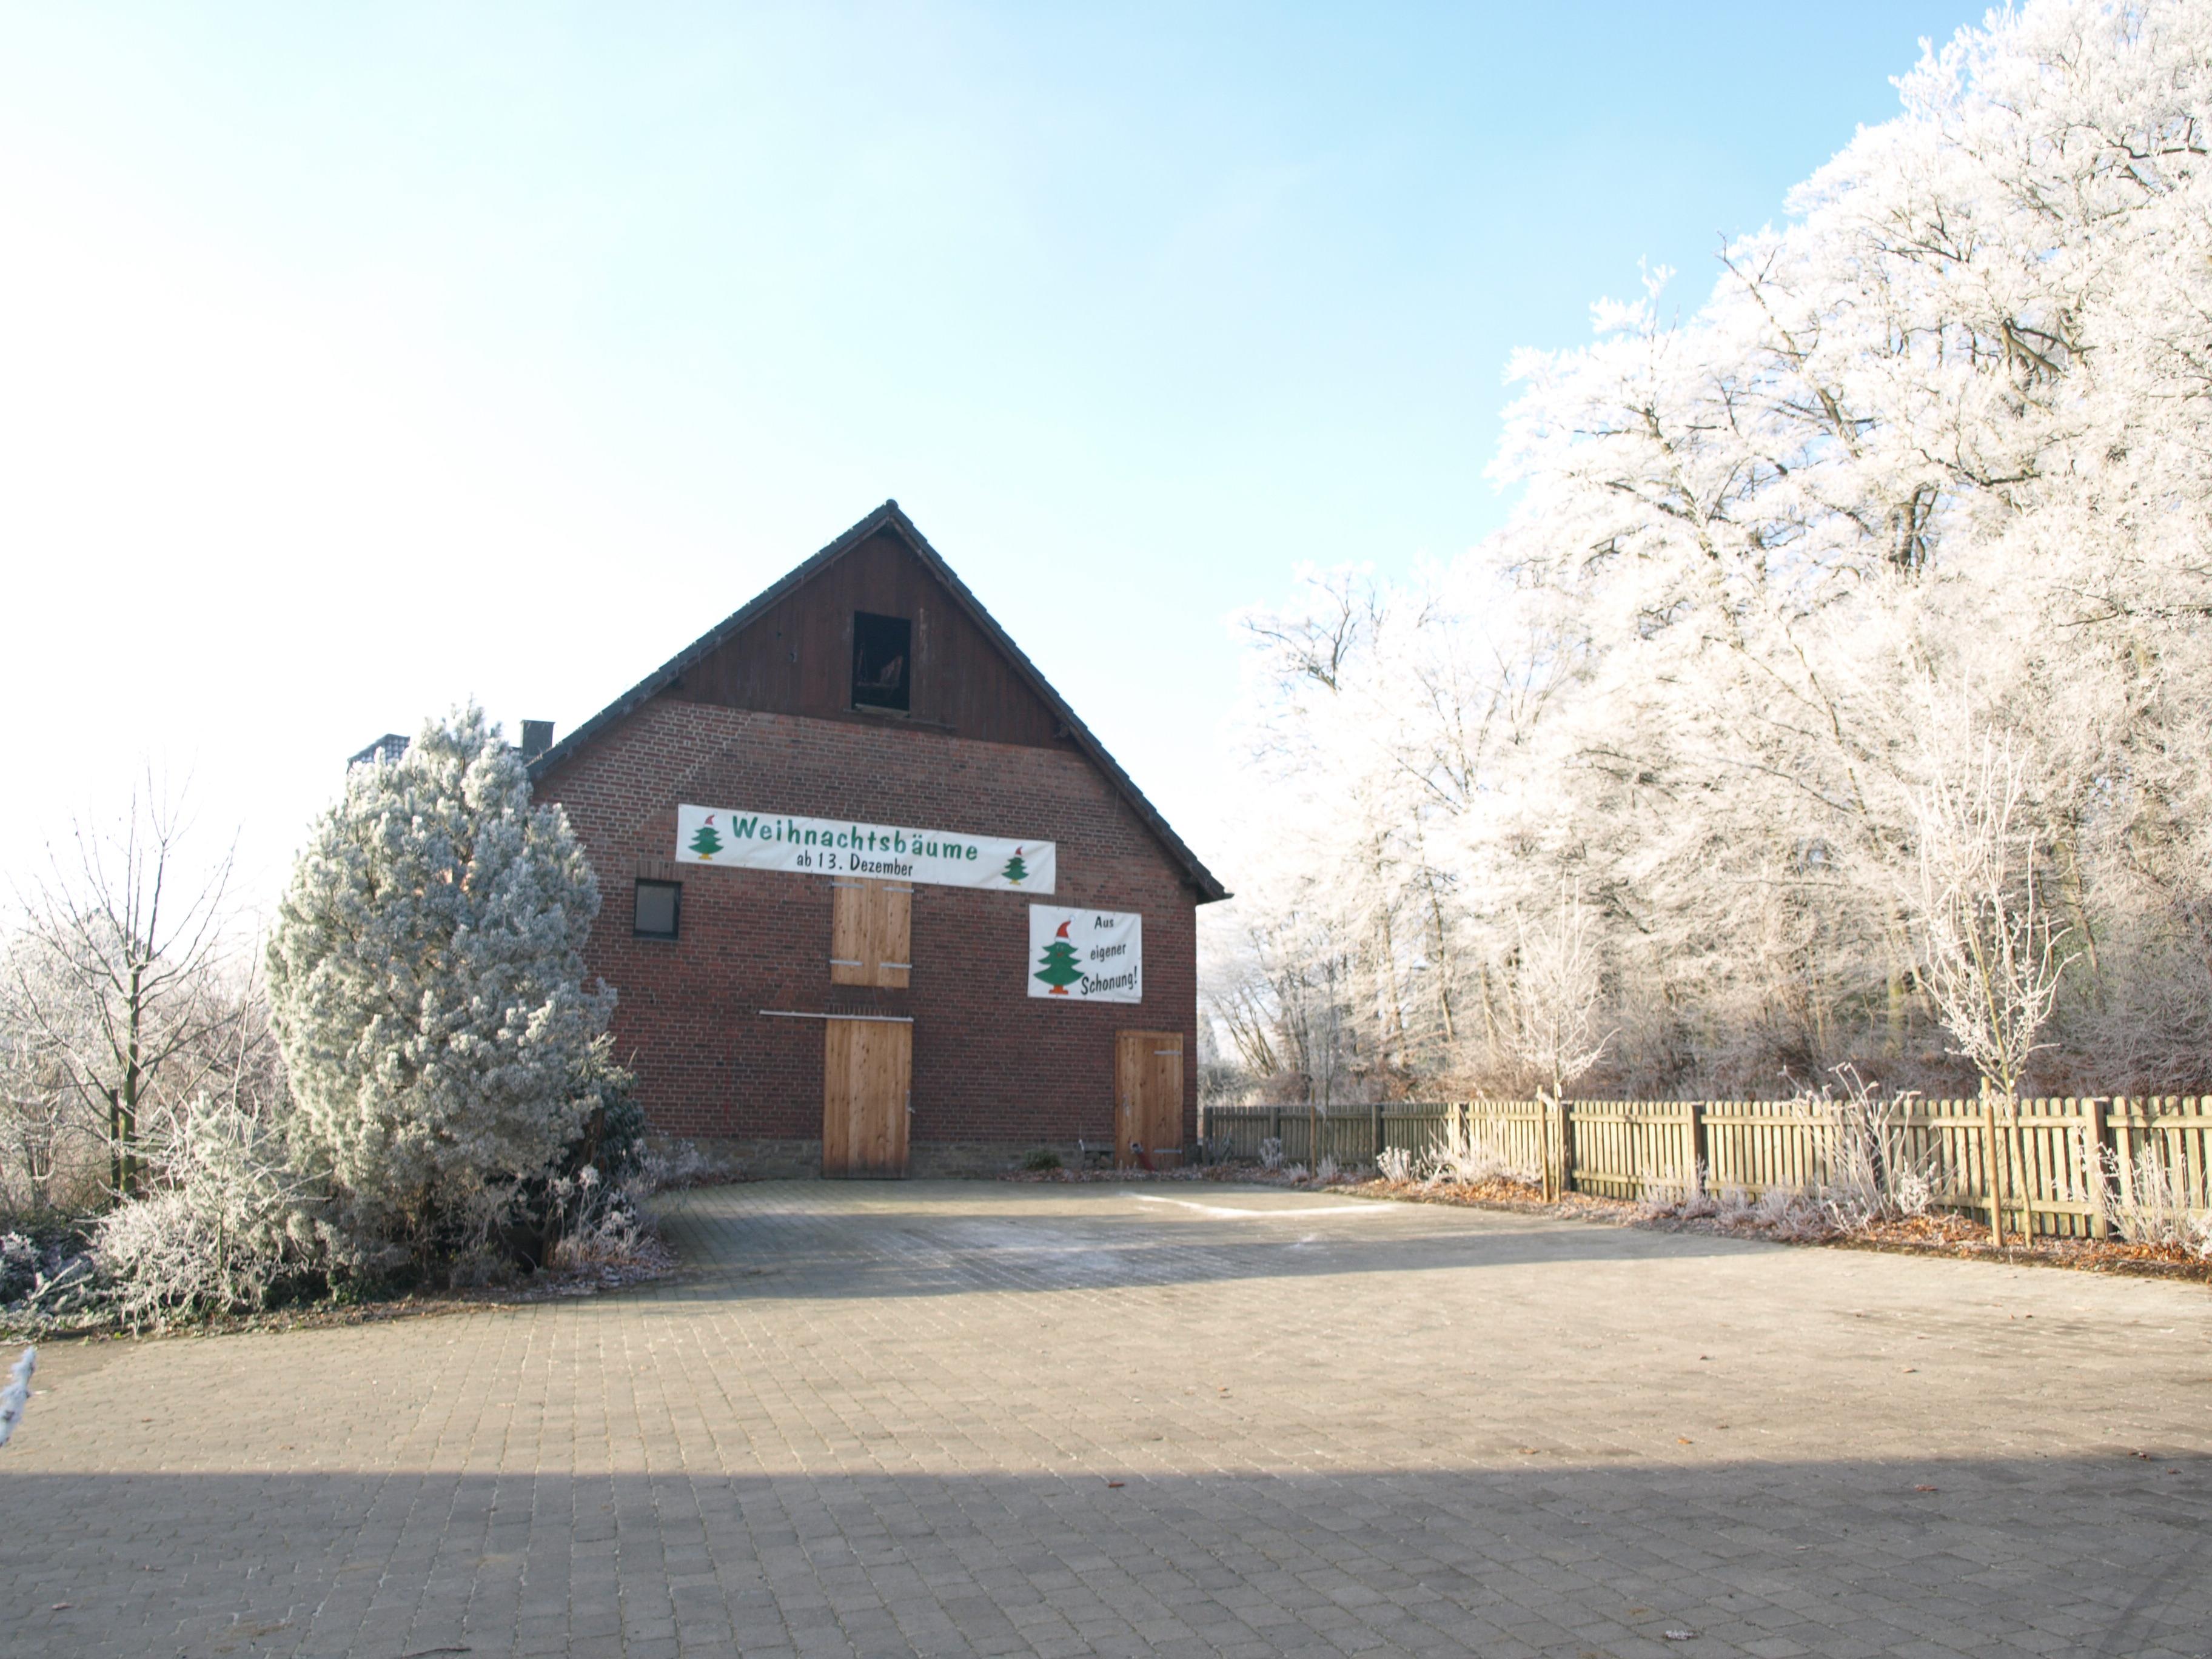 Tannenbaum Selber Schlagen Bremen.Weihnachtsbäume Selber Schlagen Hof Hinnebecke Maps Proplanta De